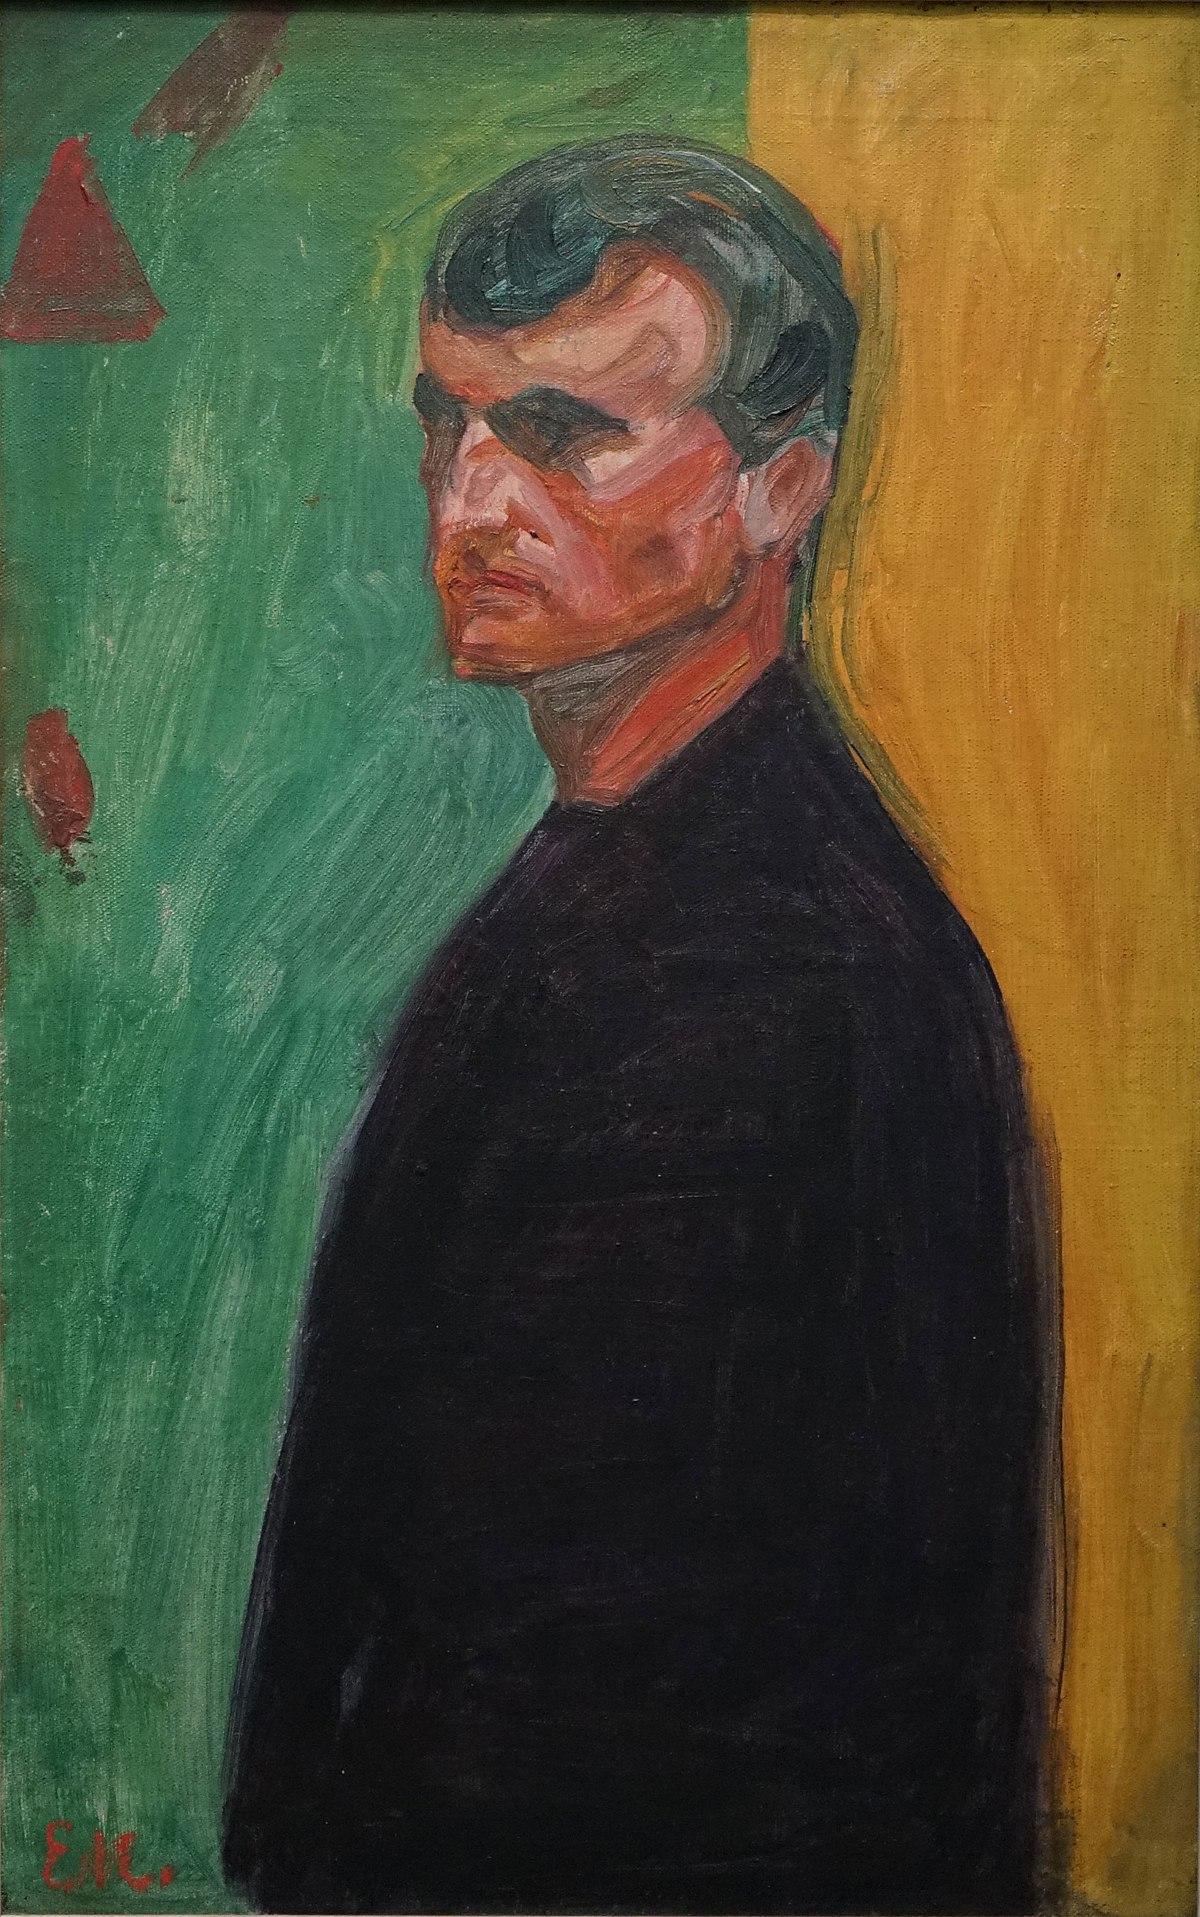 Liste der Gemälde von Edvard Munch – Wikipedia